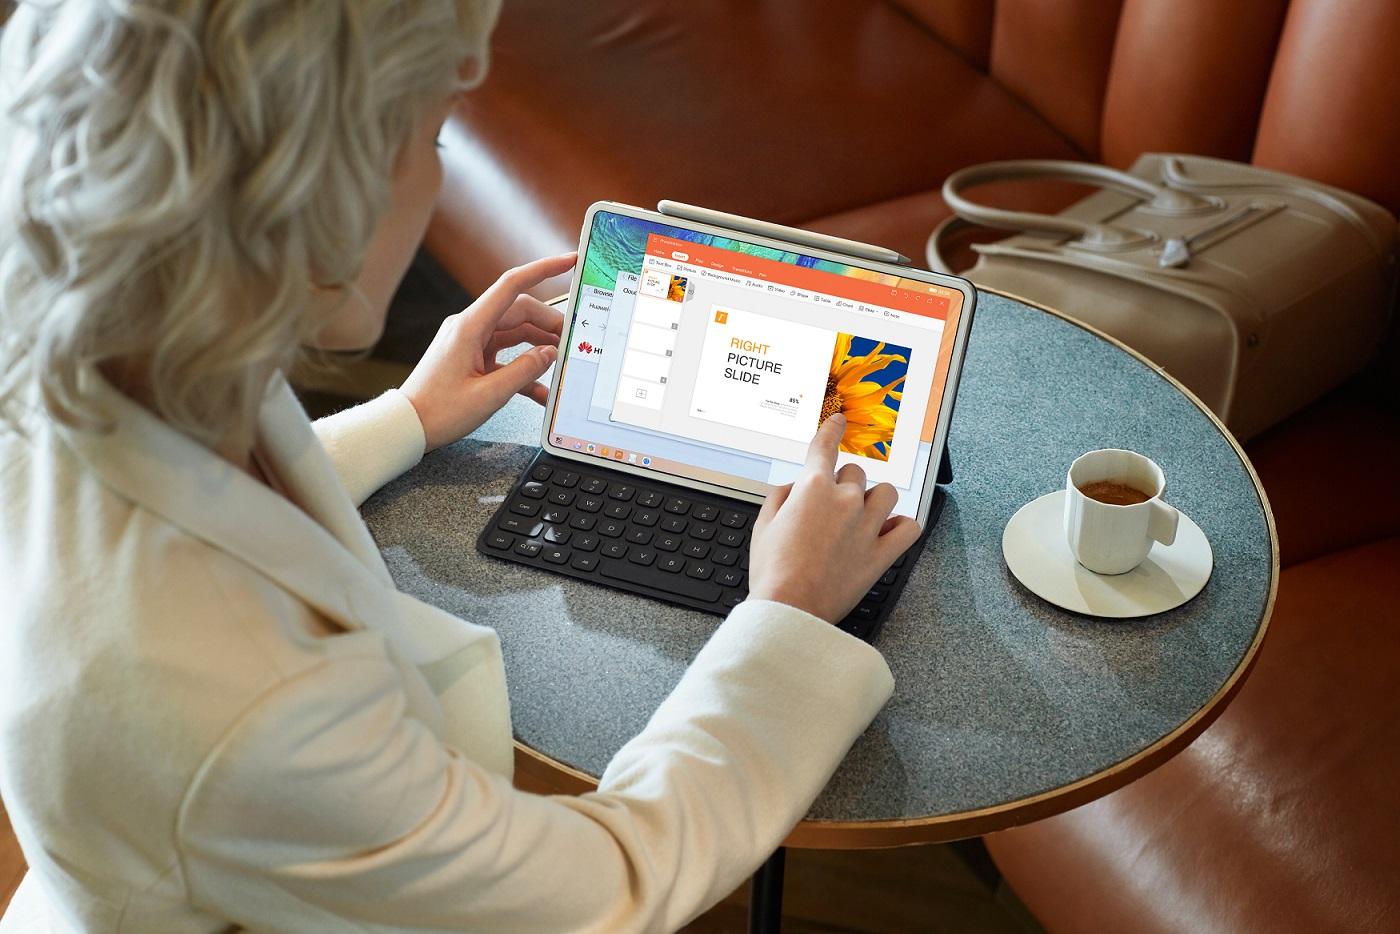 Przedsprzedaż Huawei MatePad Pro w Polsce ruszy jeszcze w tym miesiącu. Są gratisy 14